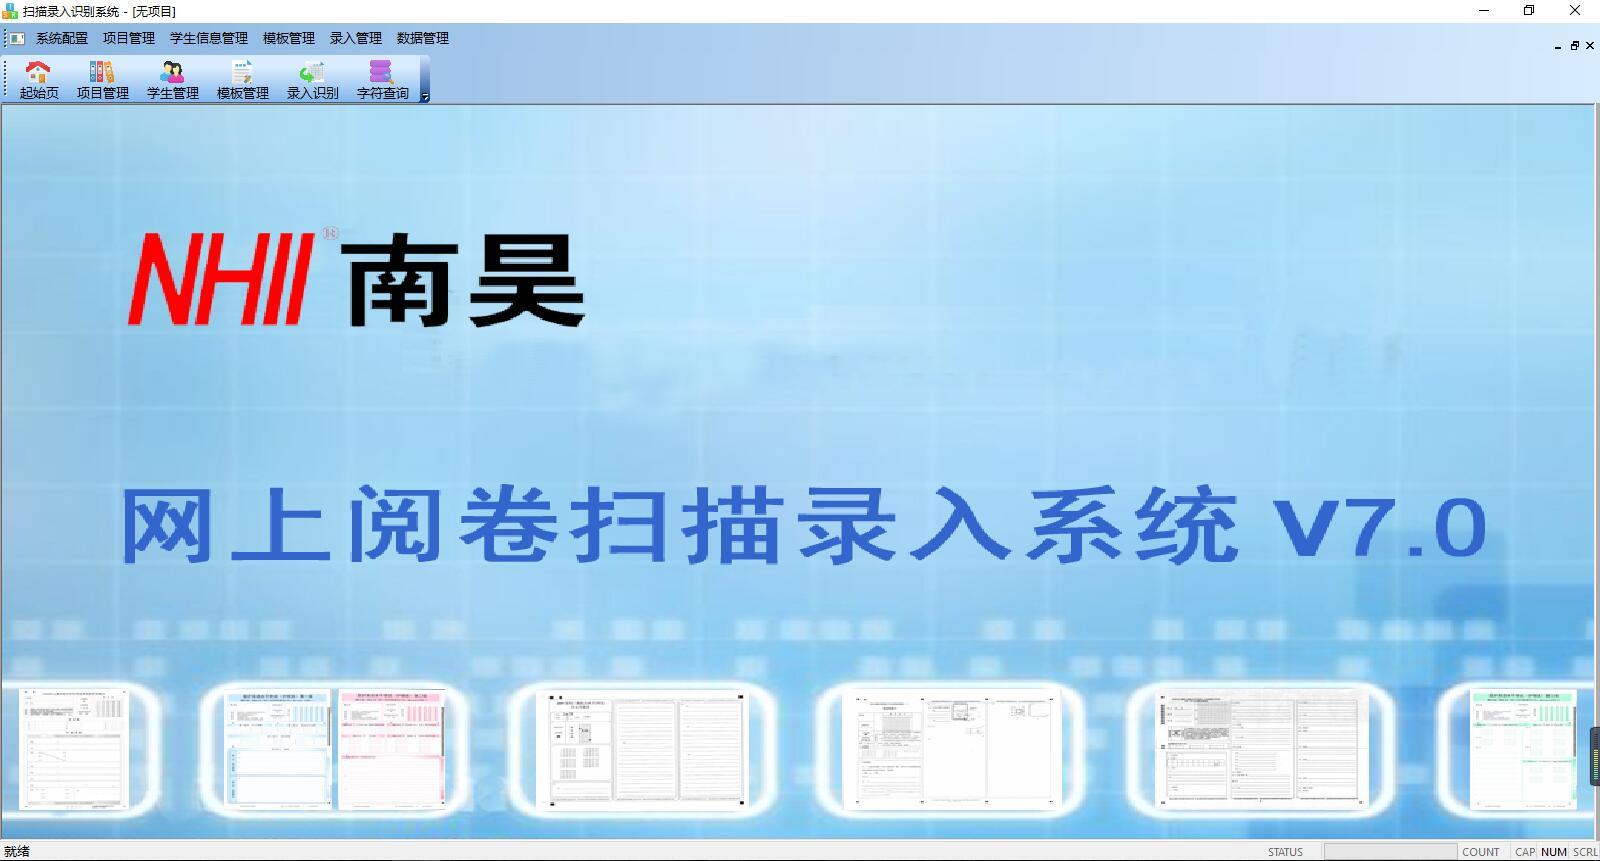 山东网上阅卷系统价格 自动网上阅卷系统|行业资讯-河北文柏云考科技发展有限公司